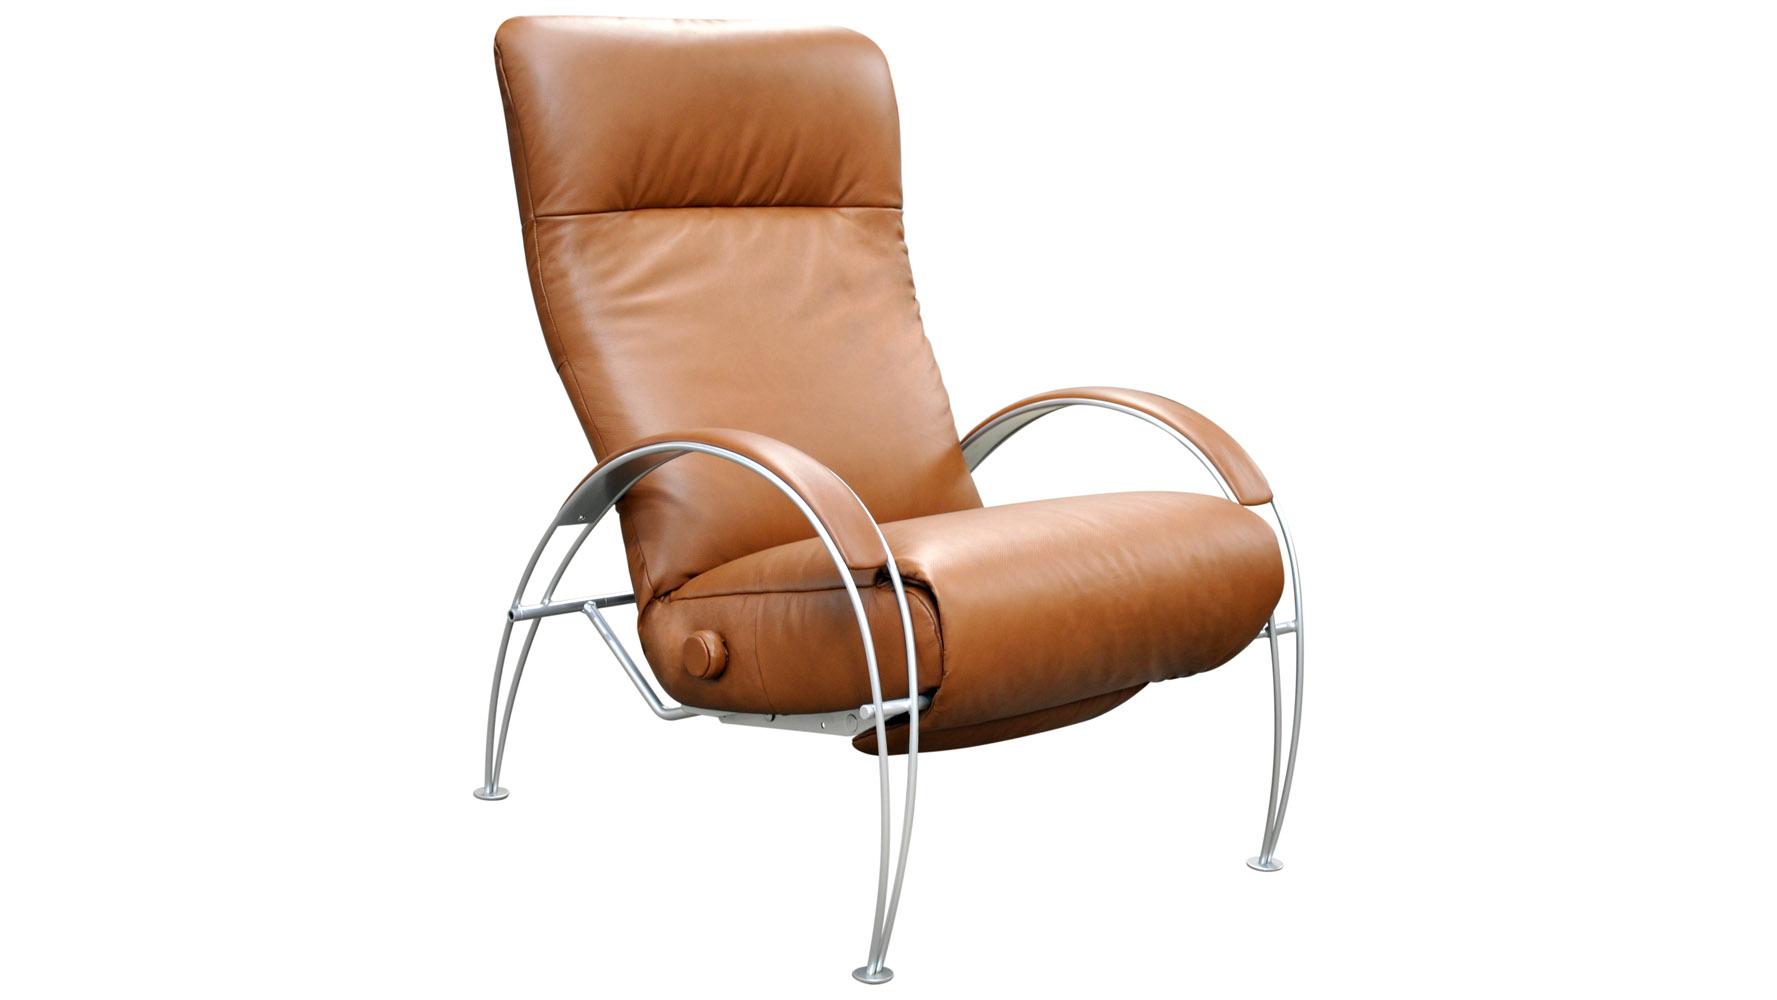 Billie Leather Adjustable Reclining Chair Zuri Furniture